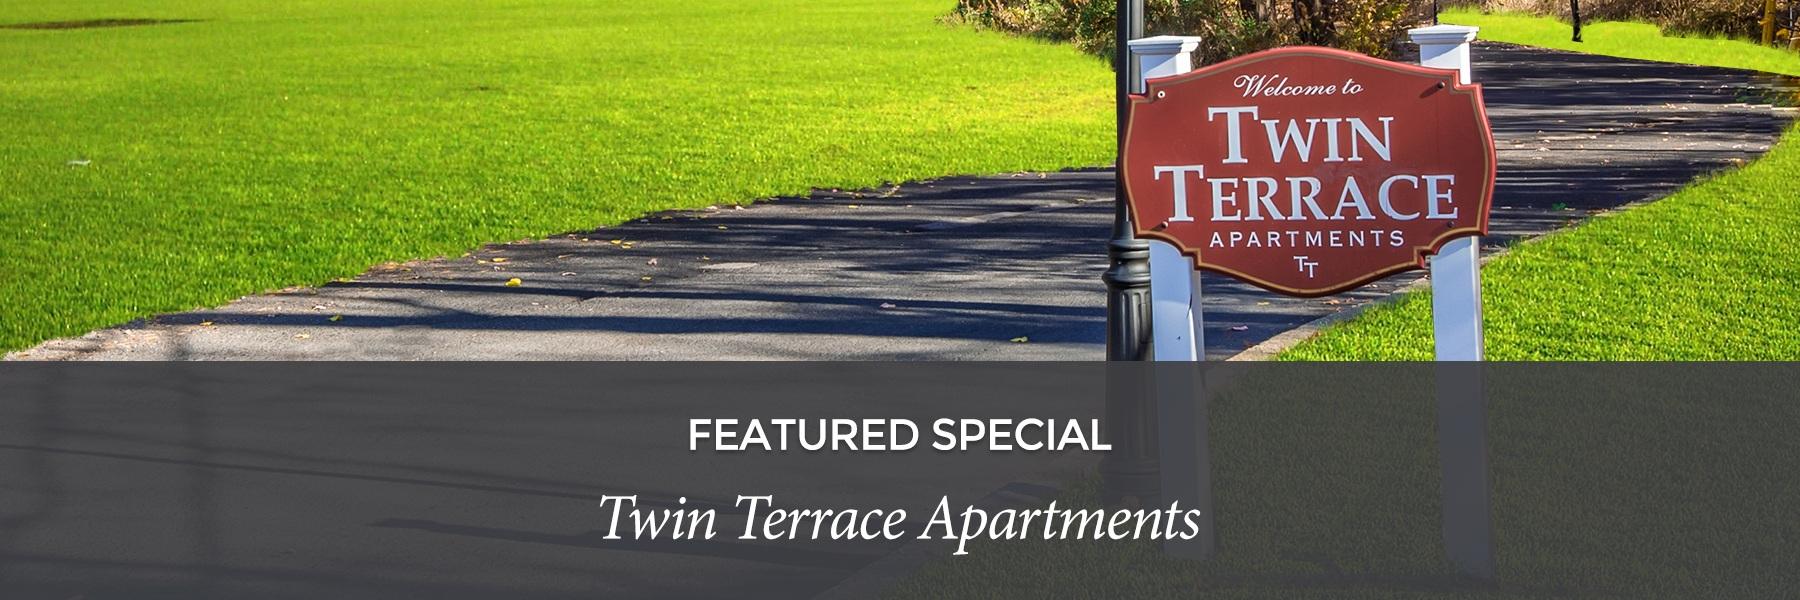 Twin Terrace Apartments specials